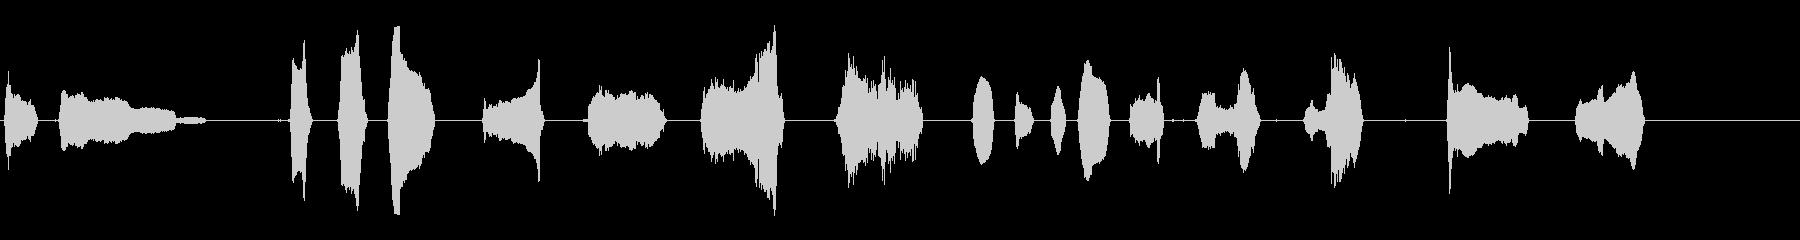 カモメ1の未再生の波形